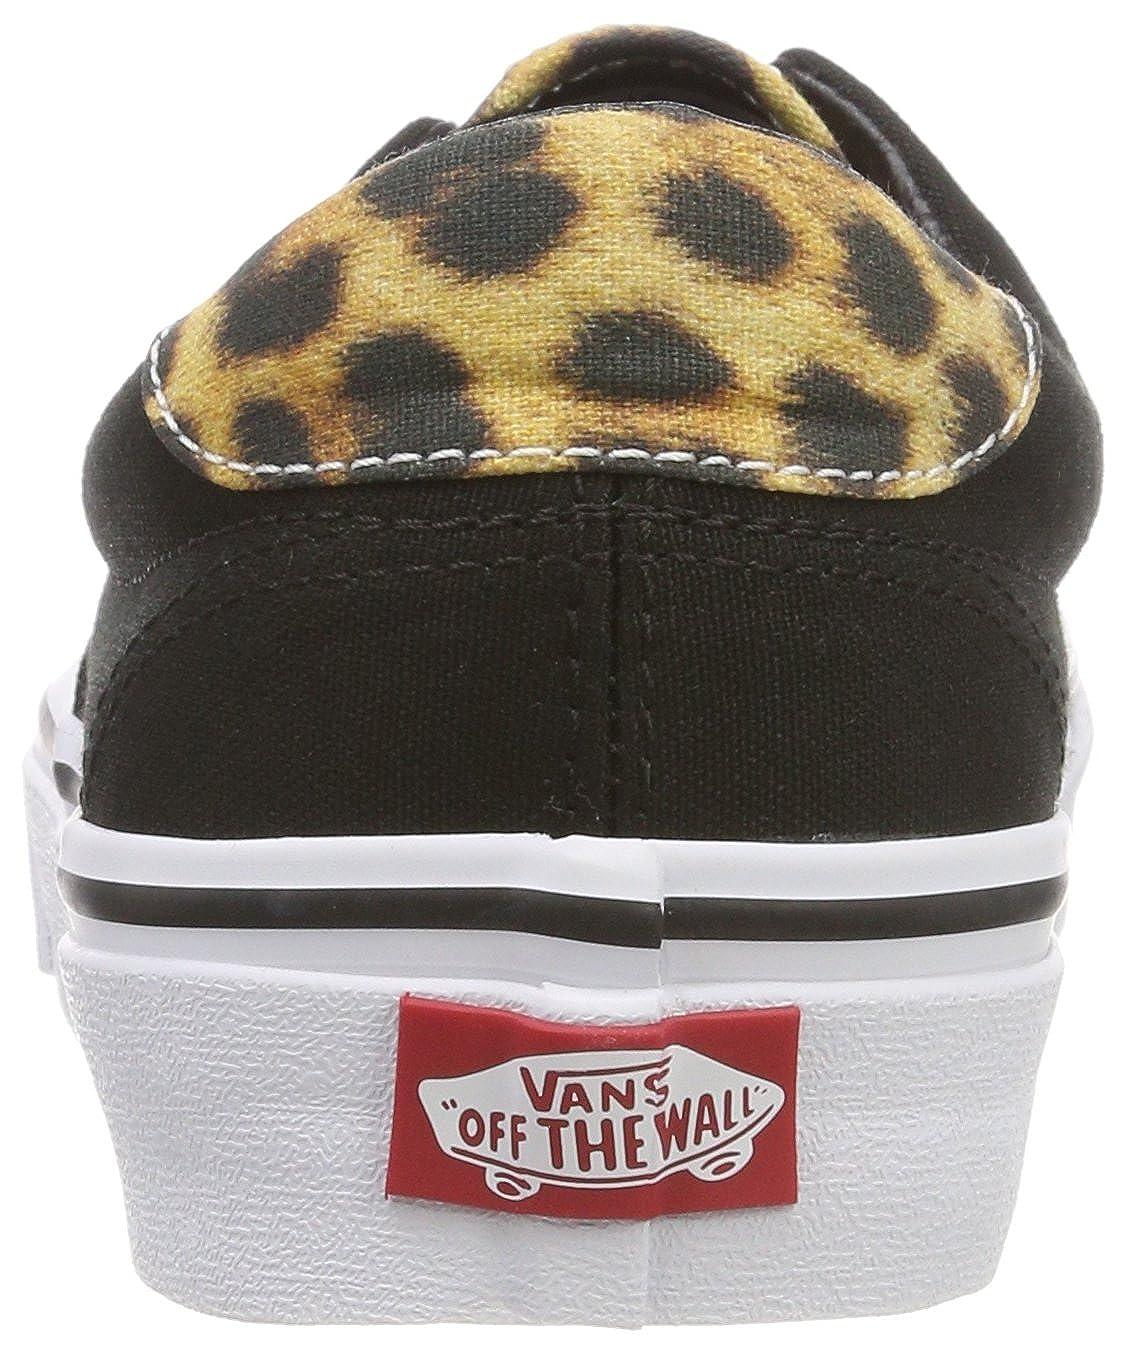 8d2b275381 Vans New Unisex Black Leopard Canvas Low Cut Lace Up Skate Shoes -  Black Leopard - UK Size 8  Amazon.co.uk  Shoes   Bags